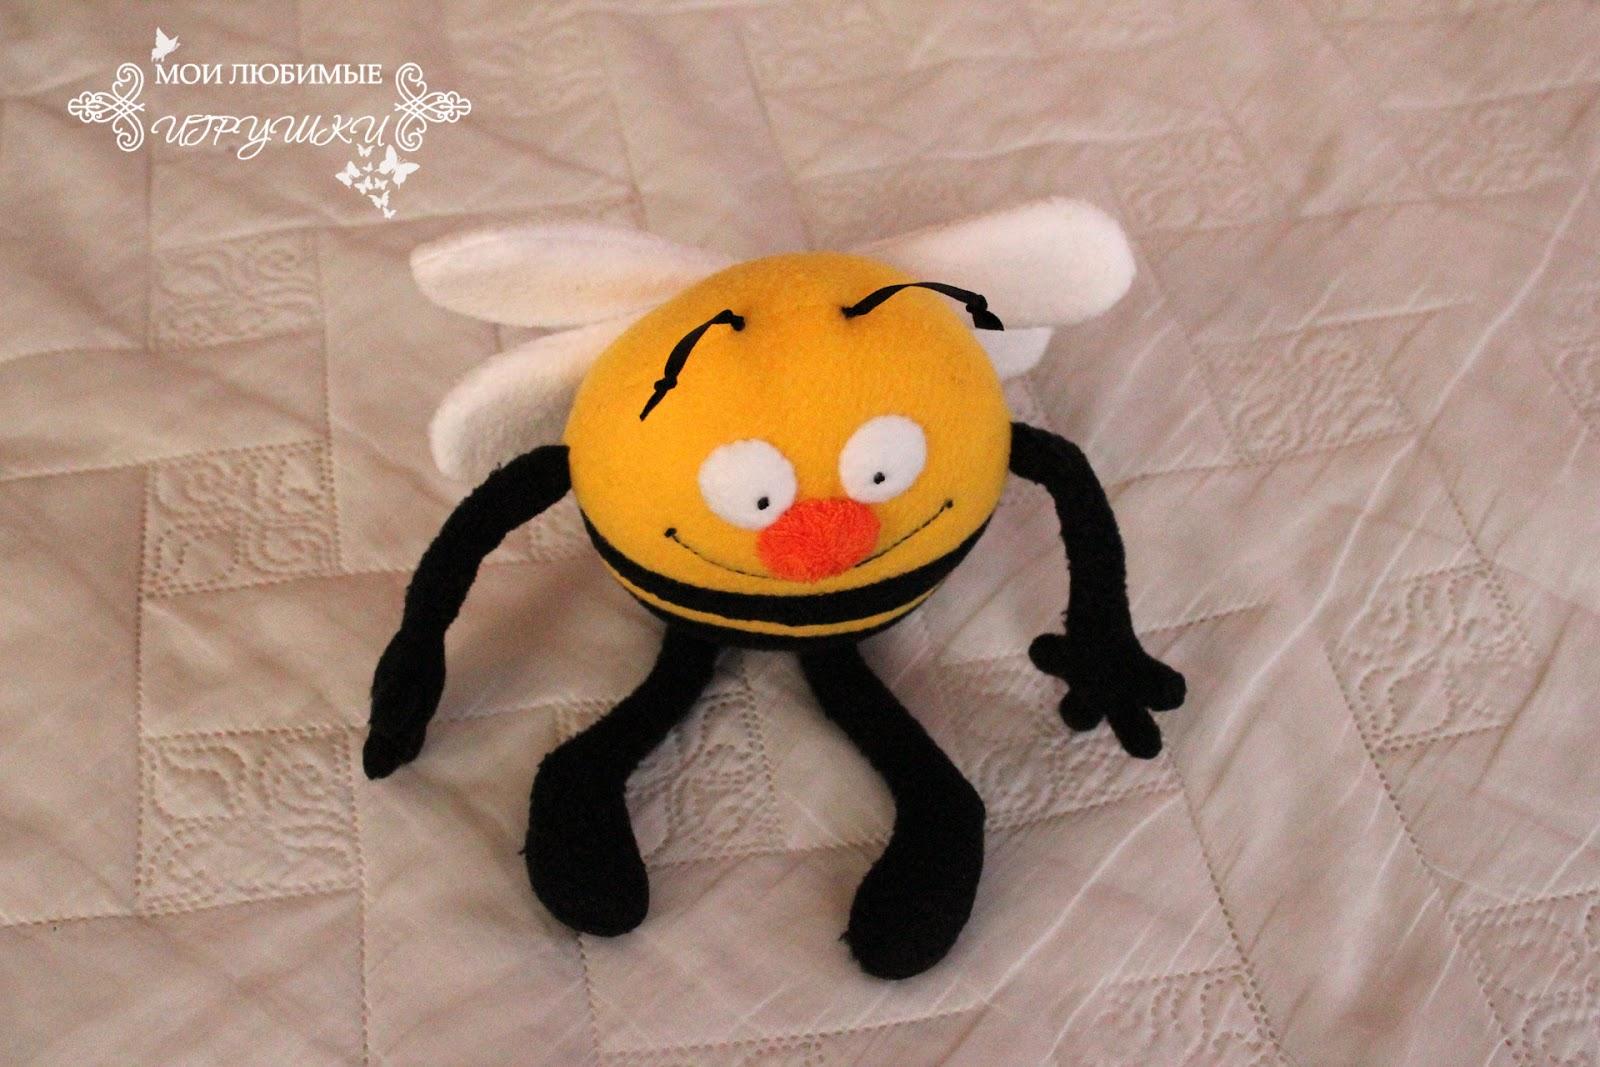 Мягкая игрушка пчёлка своими руками 4